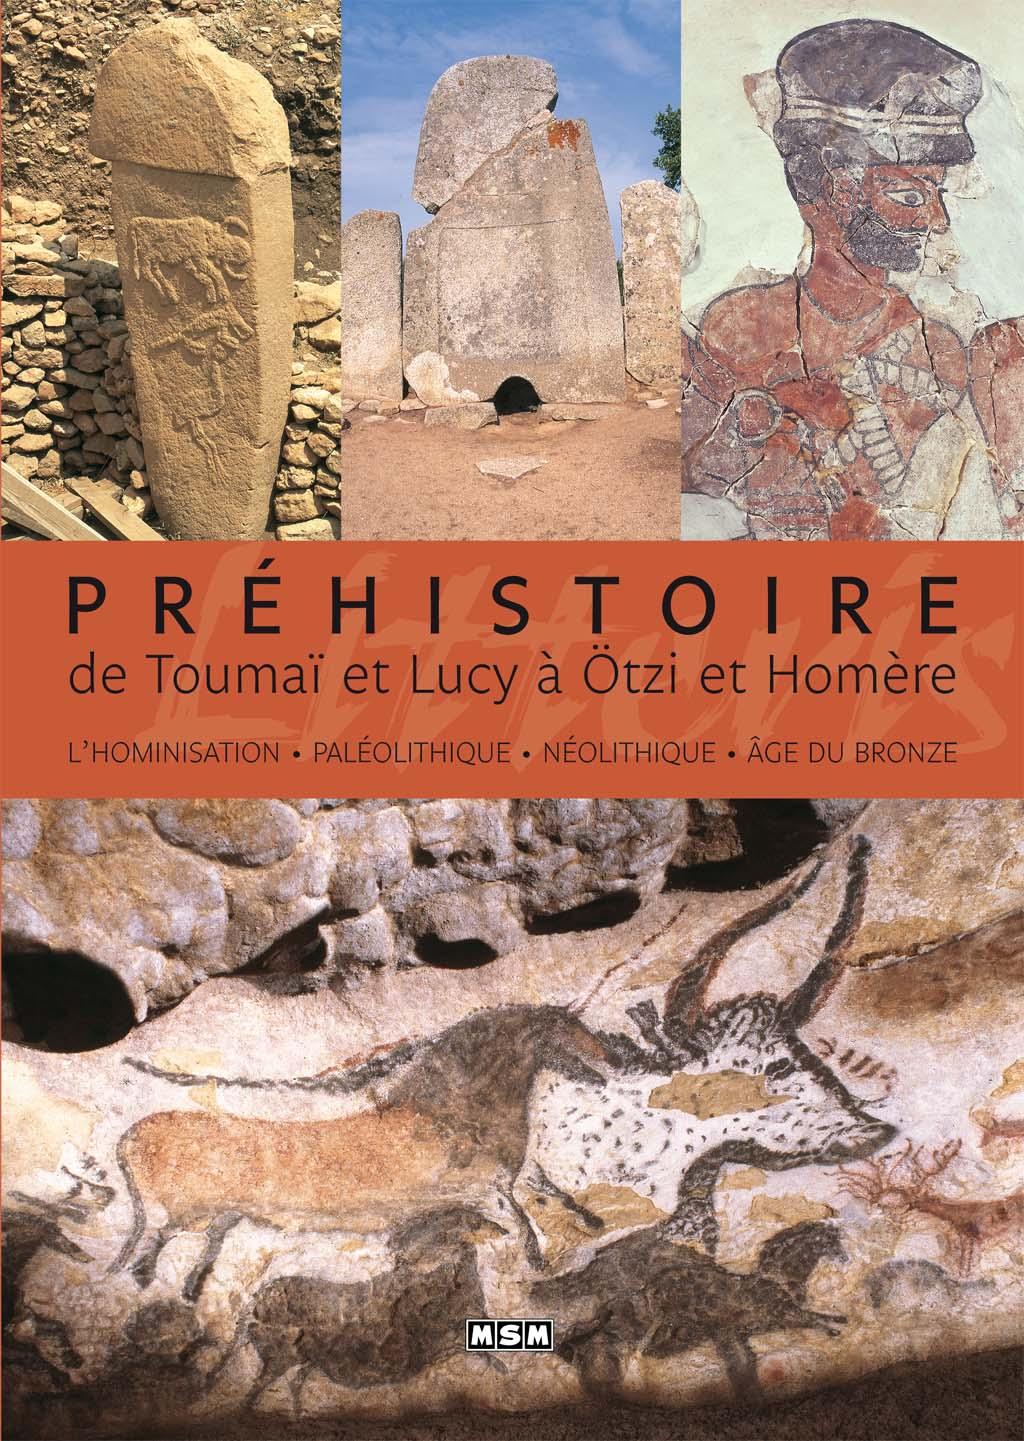 Préhistoire, de Toumaï et Lucy à Ötzi et Homère